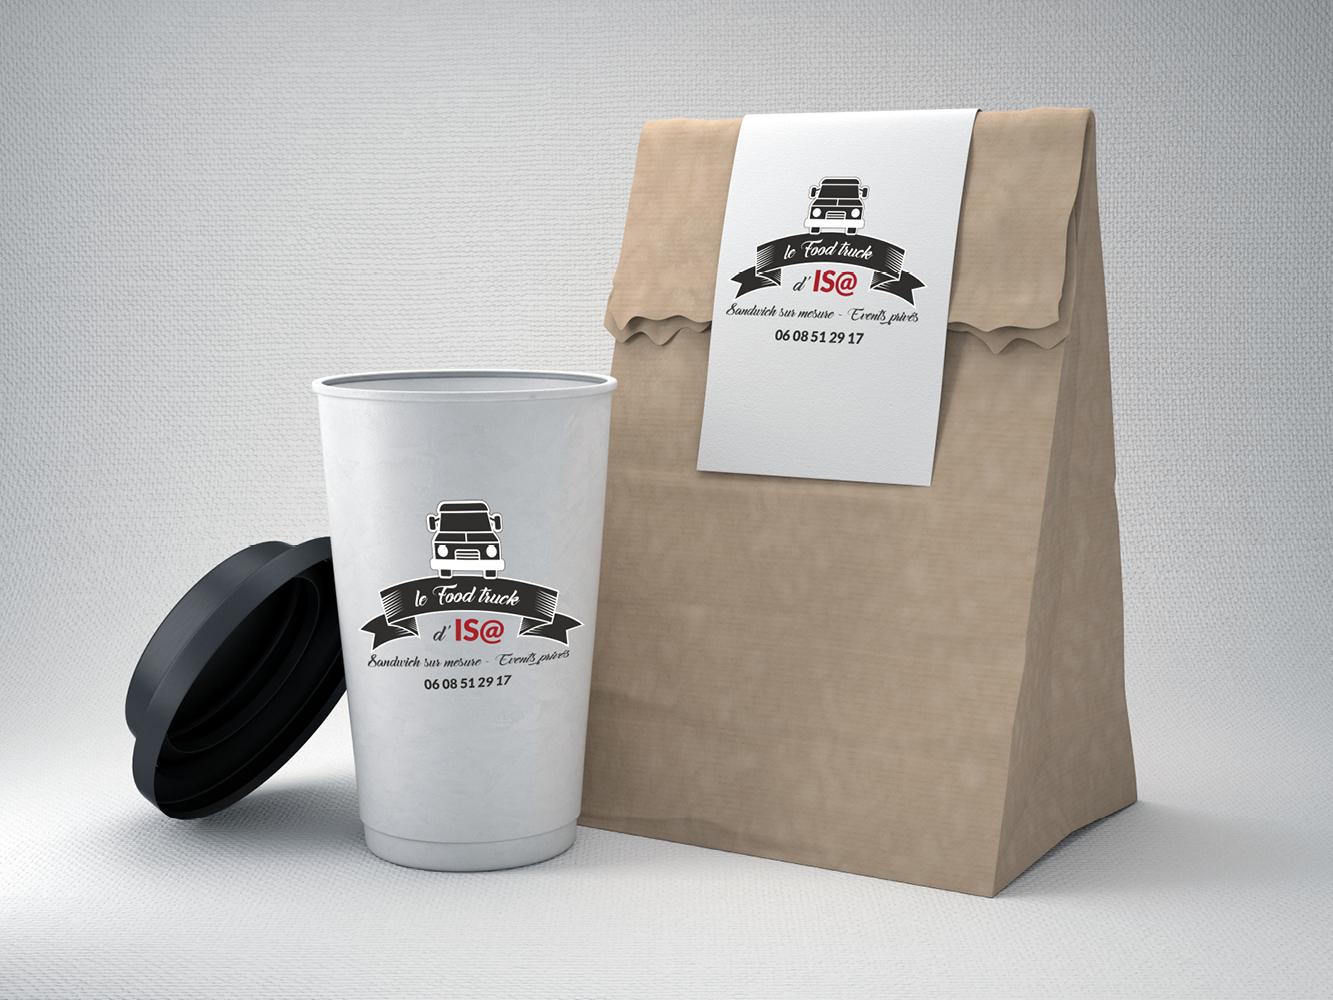 packaging Food truck d'isa